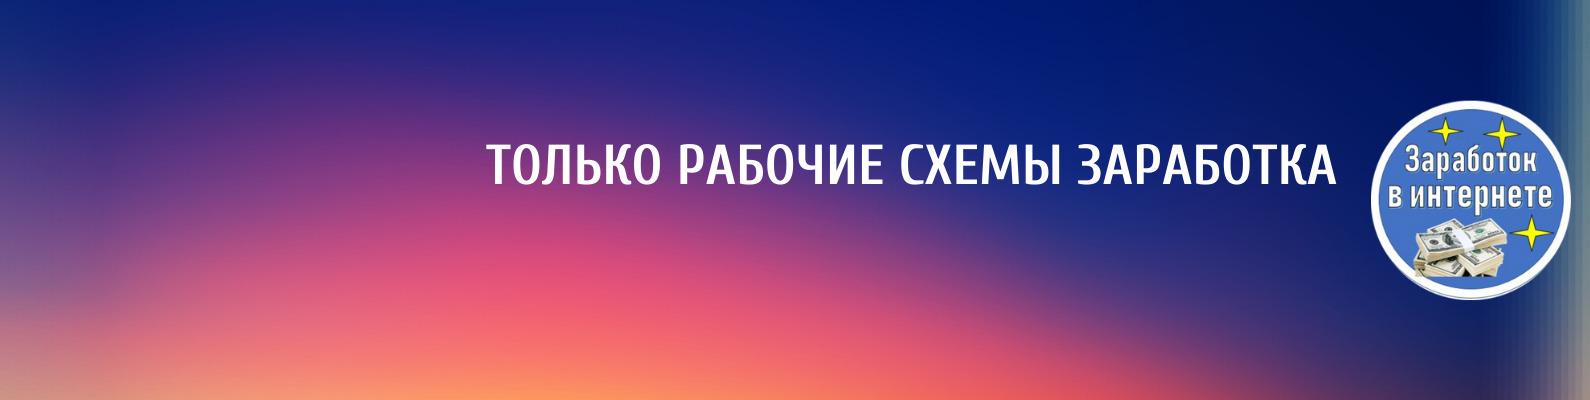 creator cover ЗАРАБОТОК В ИНТЕРНЕТЕ